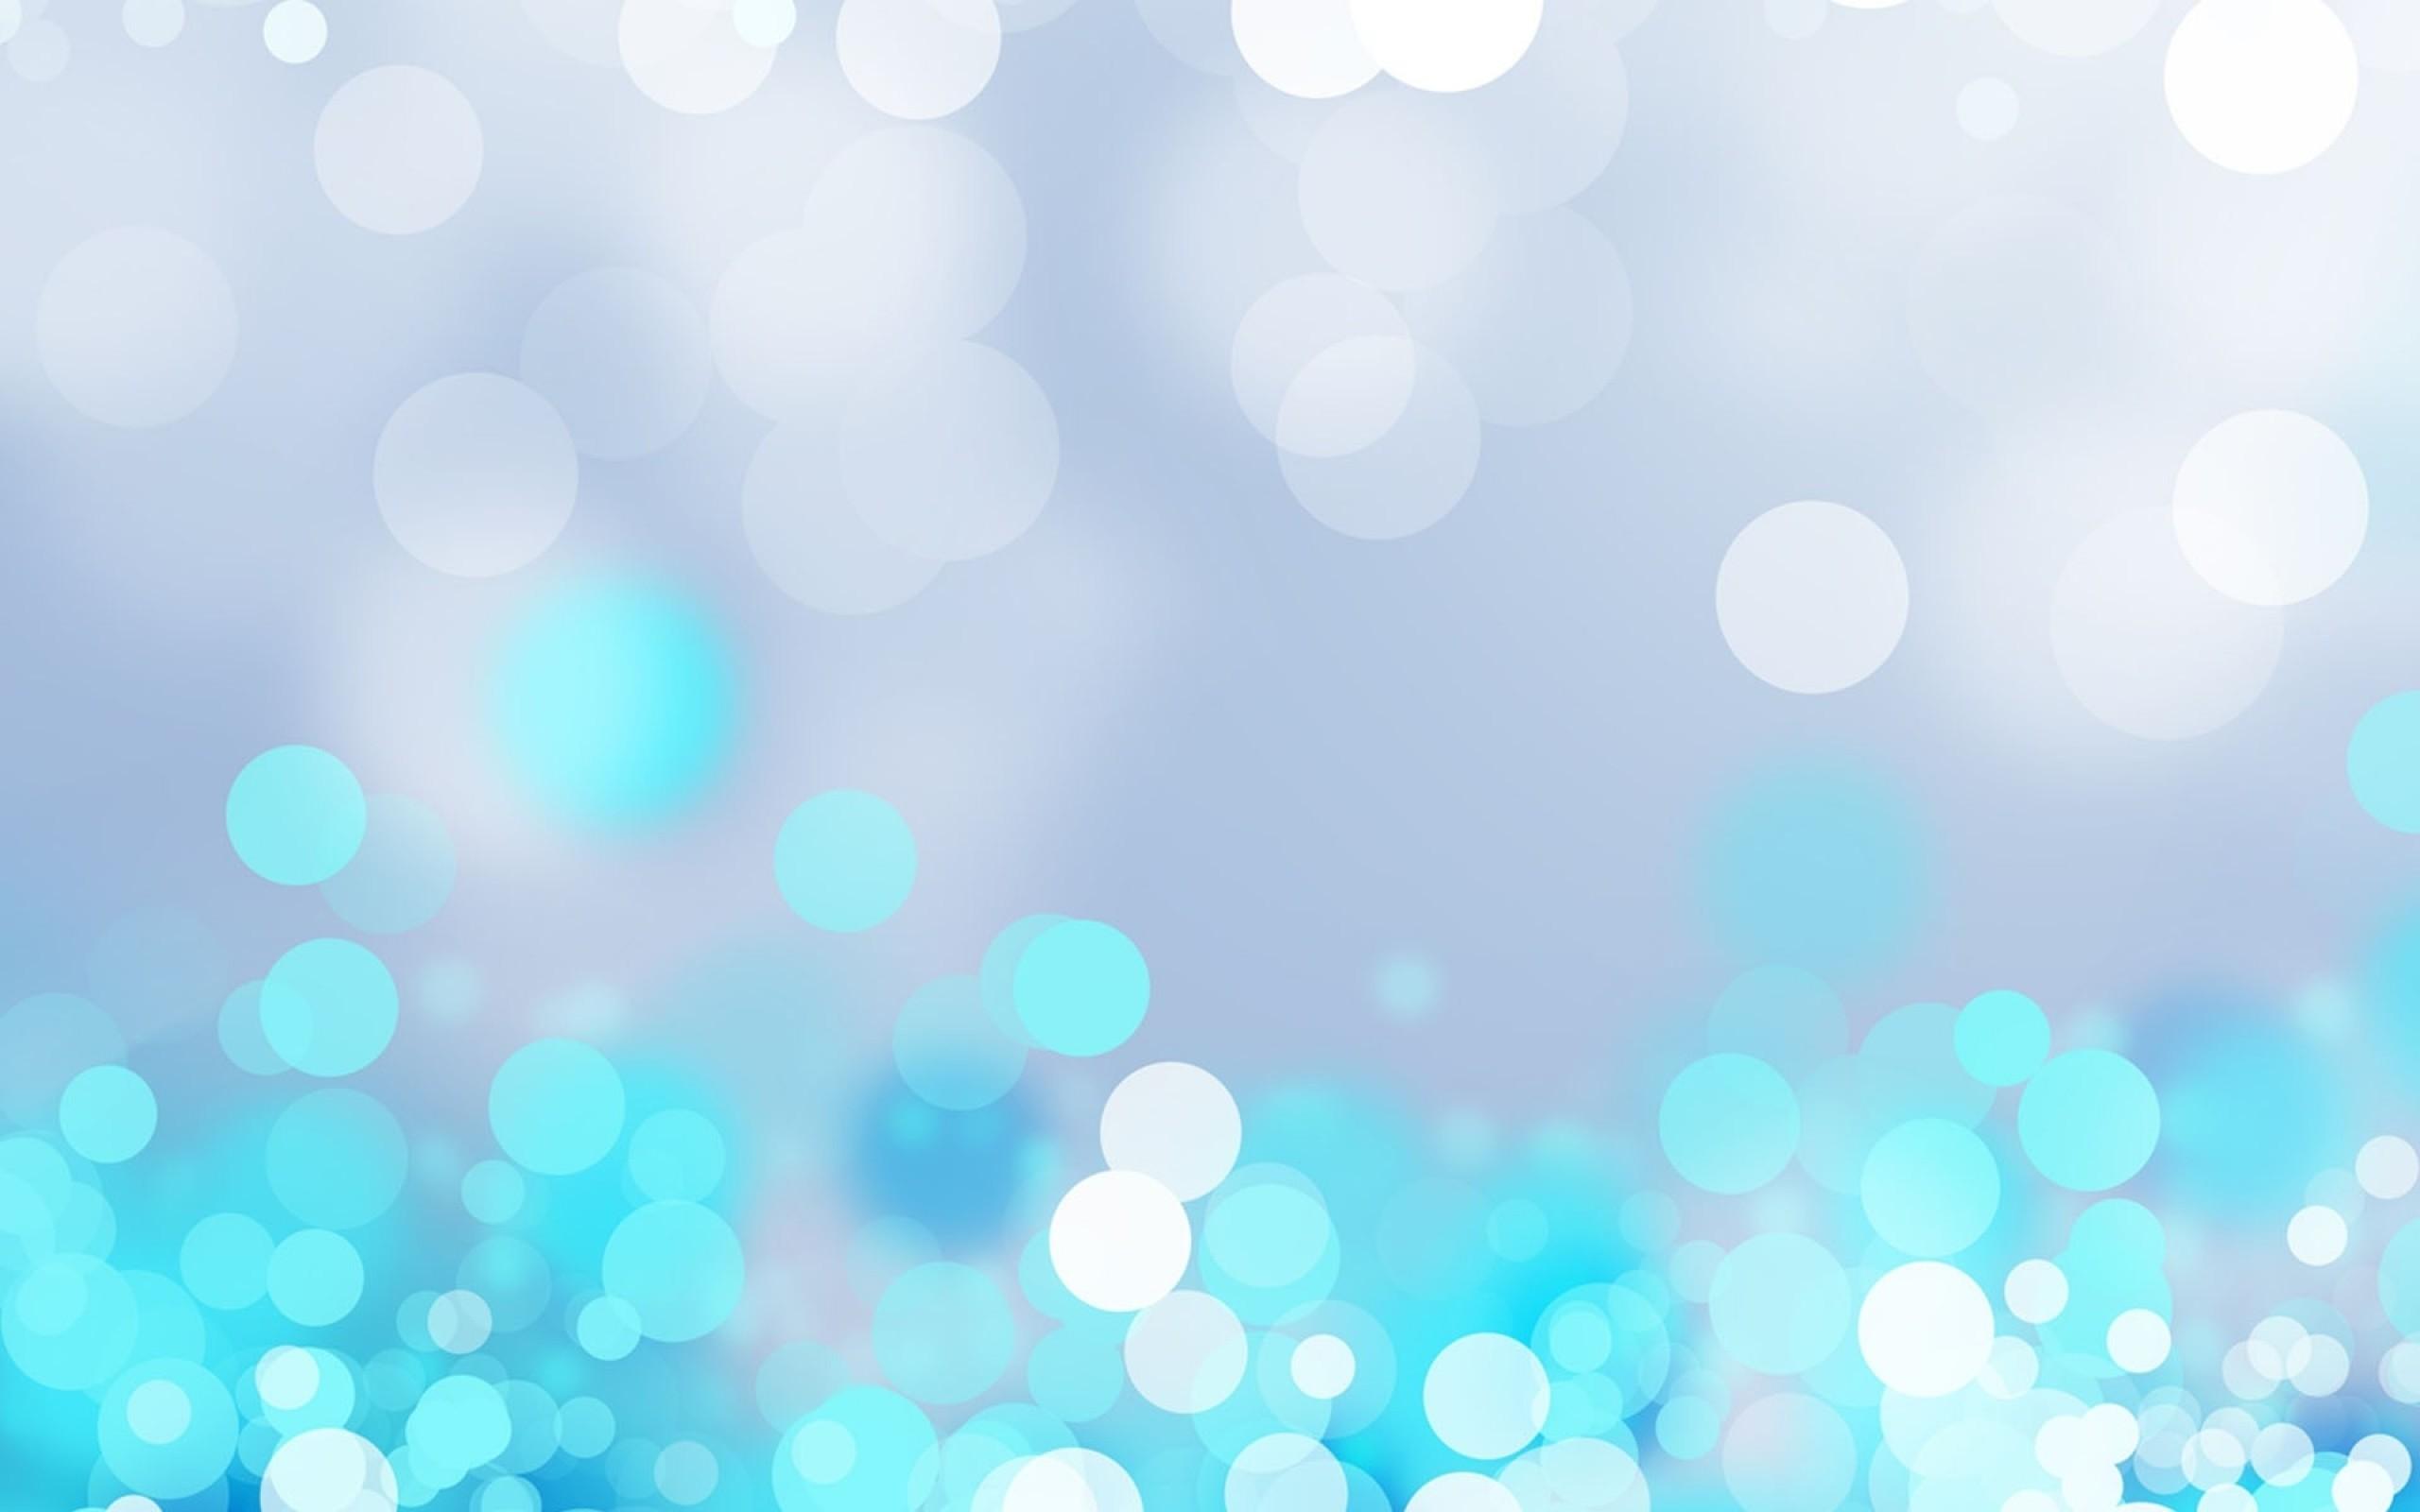 Light Blue Backgrounds 63 Images